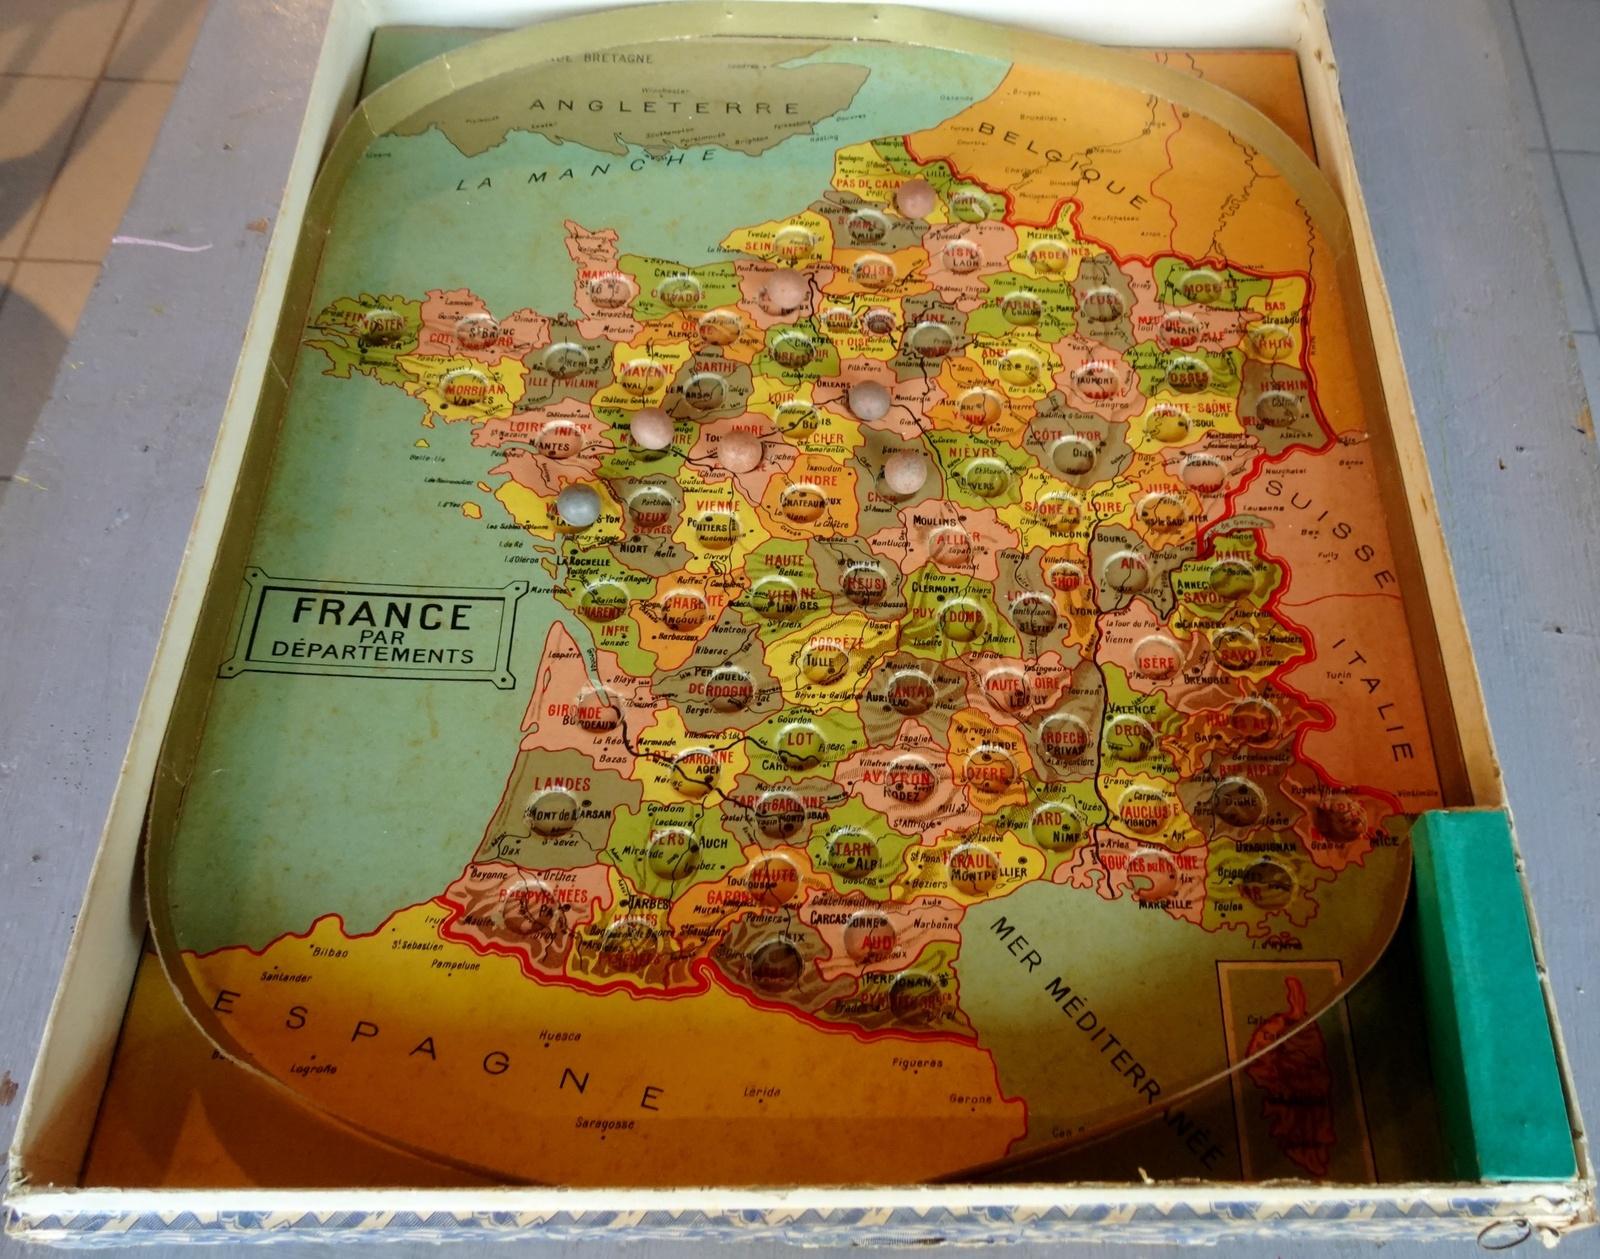 Y. Les Jeux D'etienne - Collection De Jeux Anciens pour Jeux Geographique